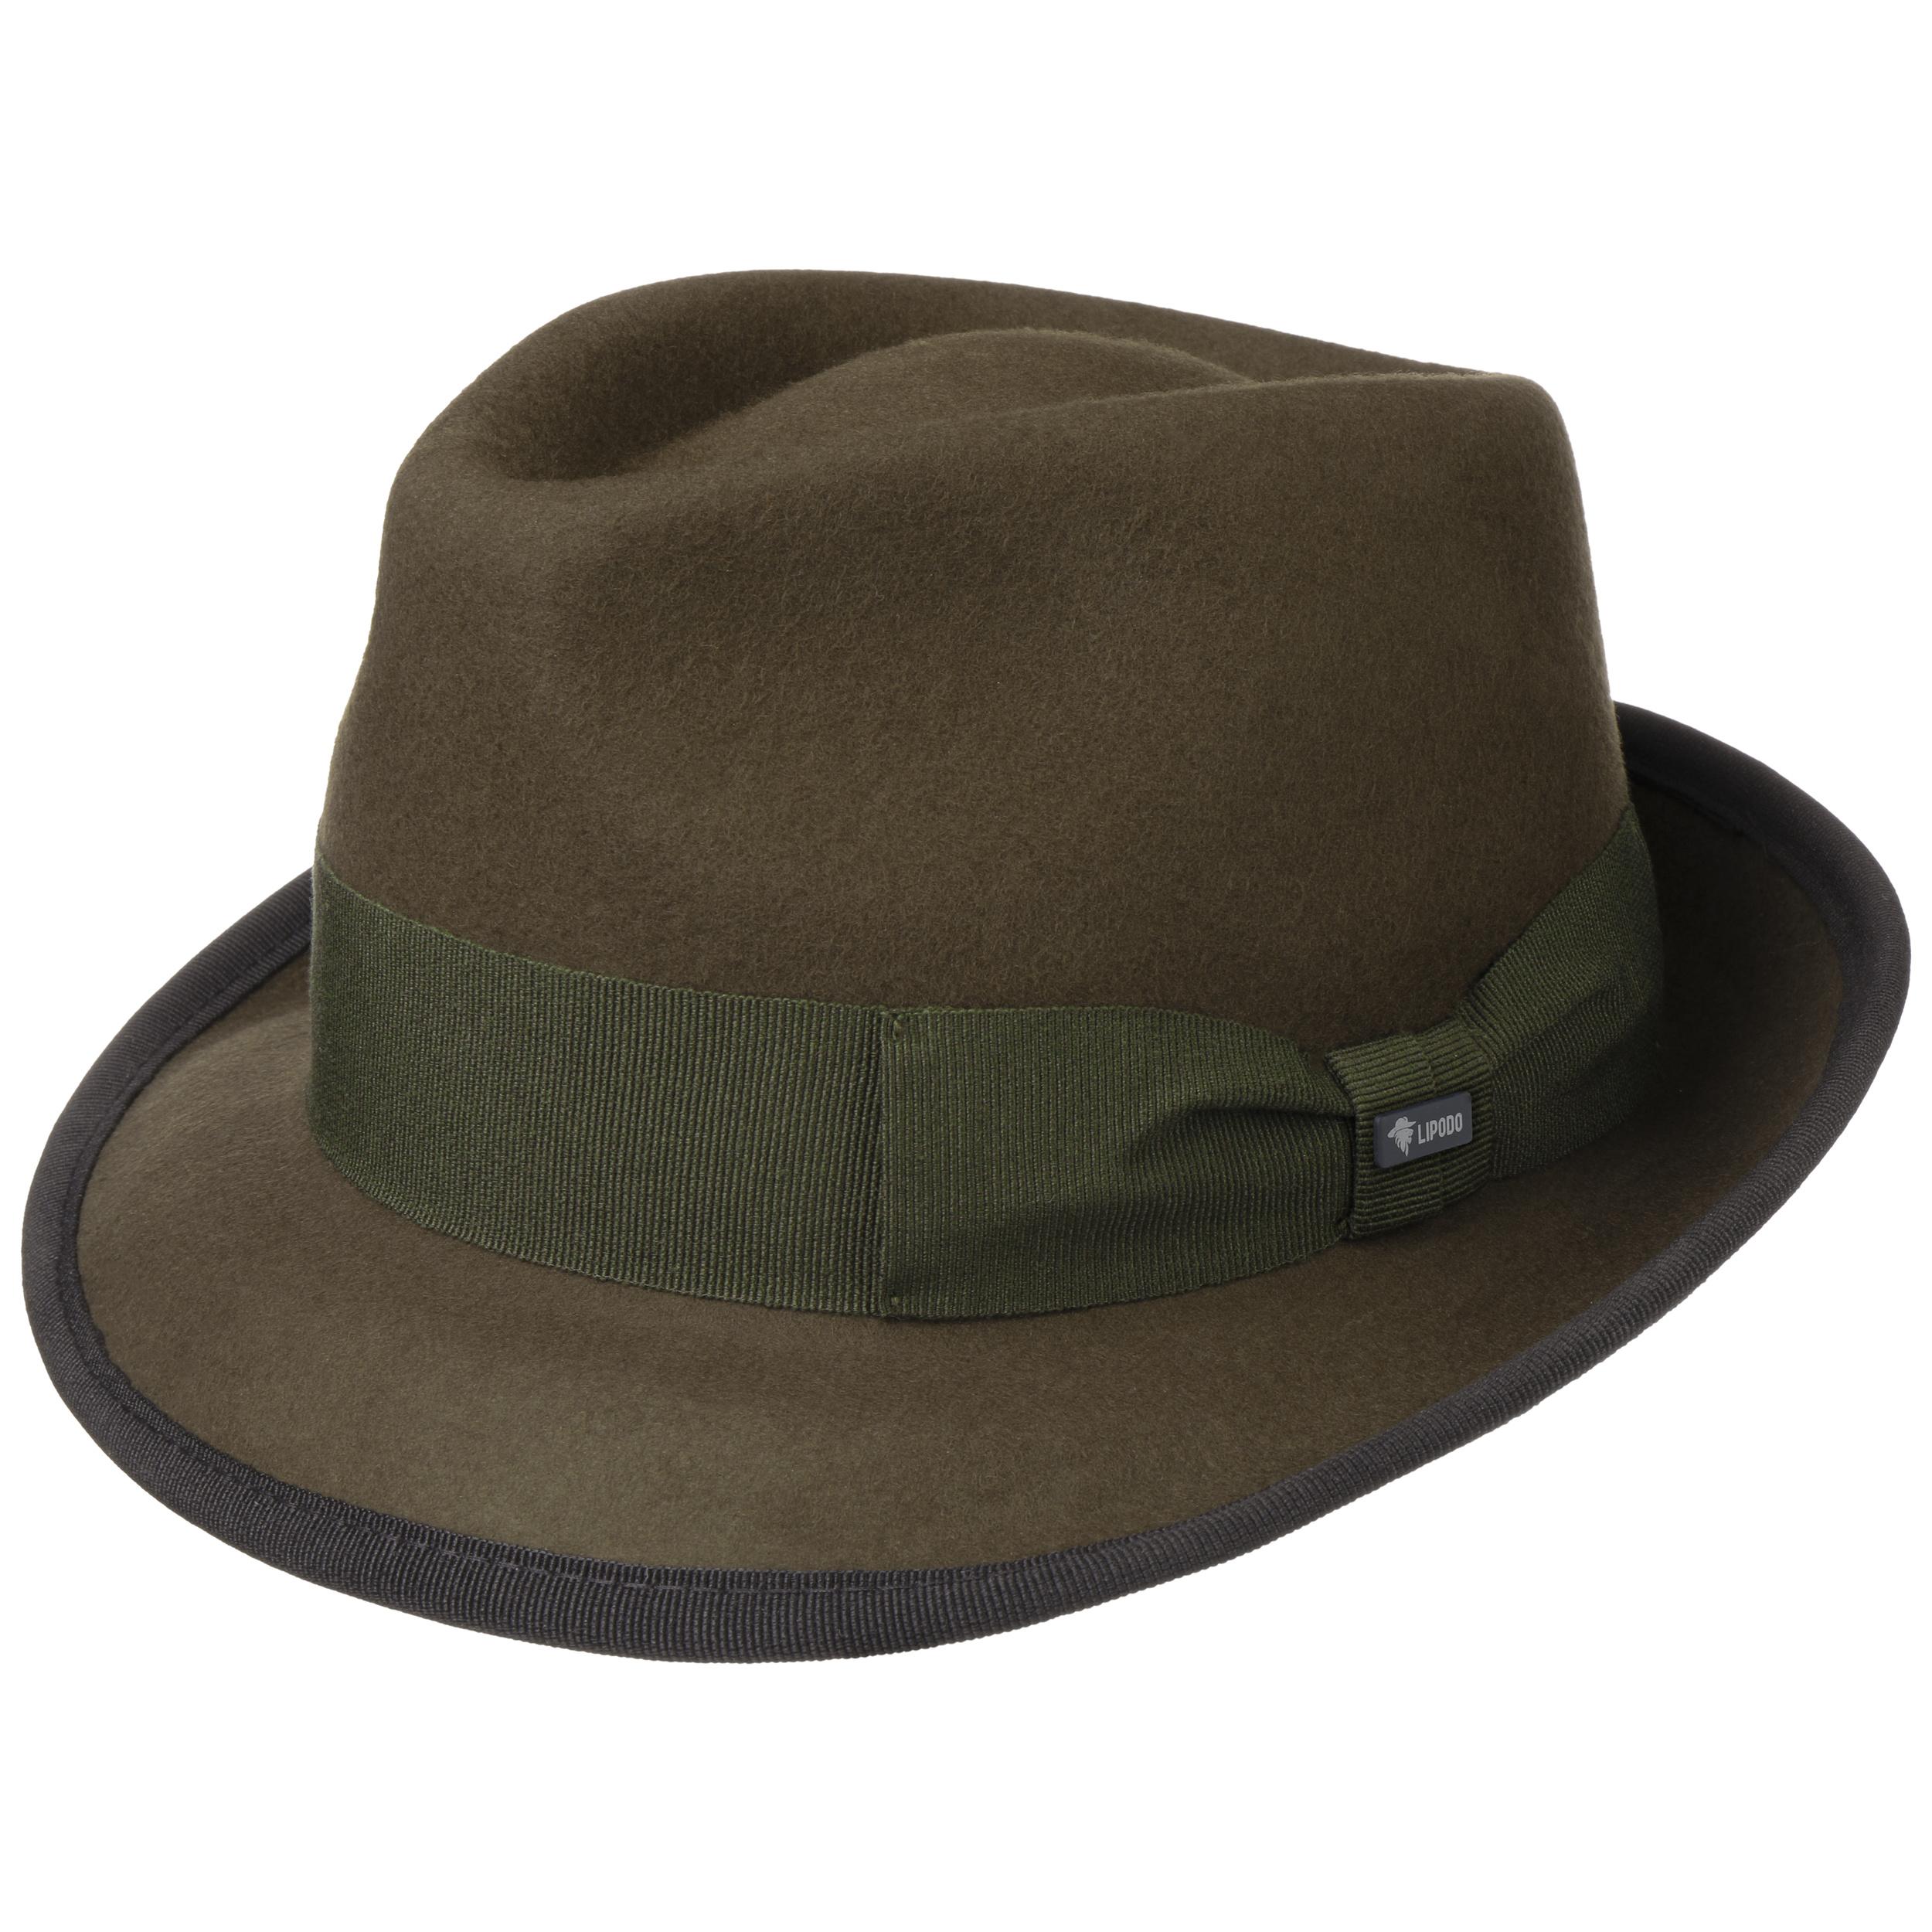 ... Lipodo 1 · Sombrero de Fieltro The Classic by Lipodo - verde oliva 4 ... 4ab5e97e15c